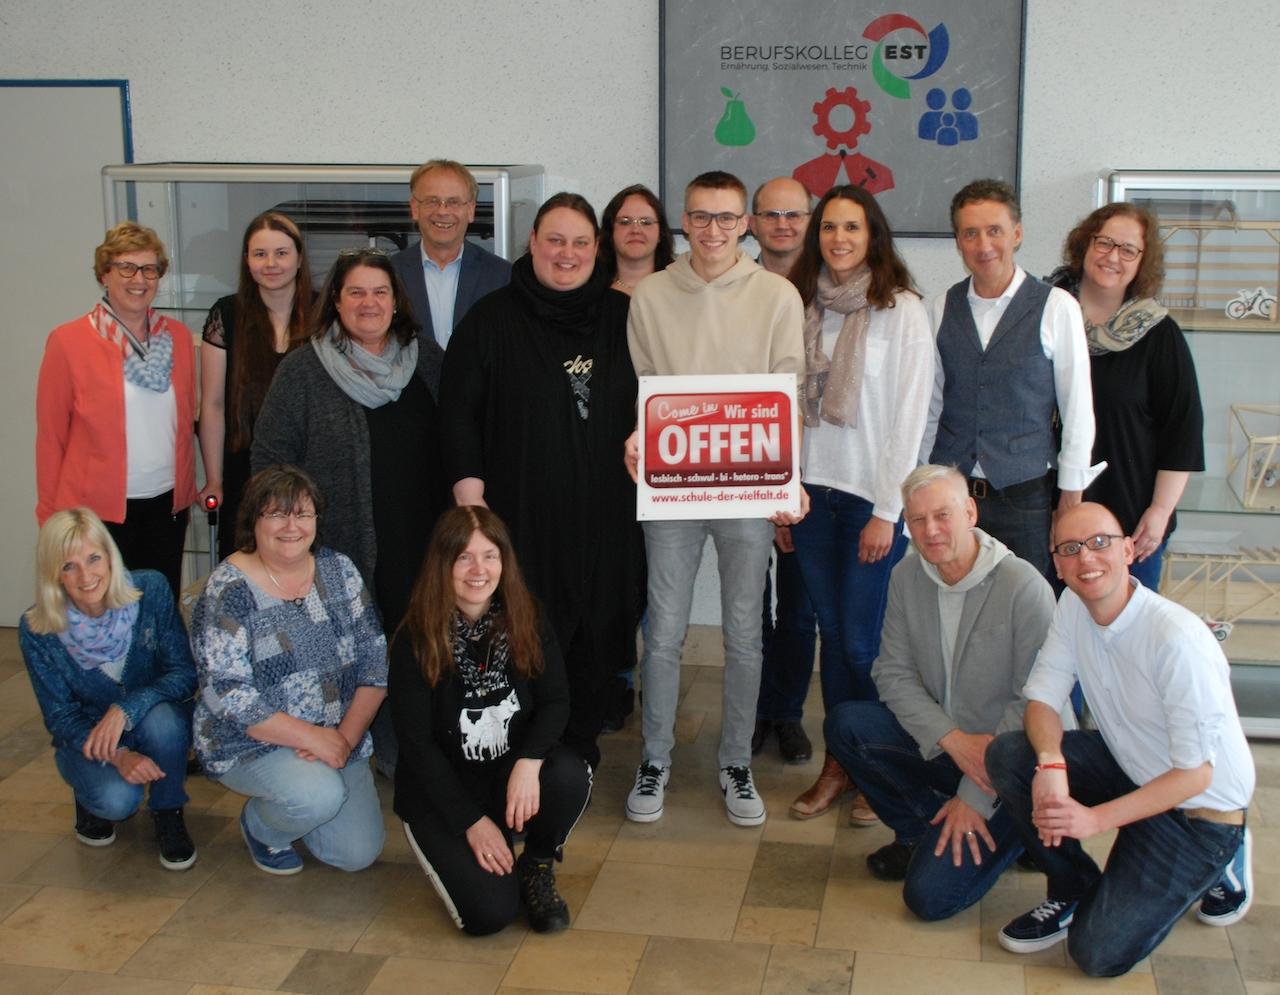 Schule der Vielfalt: Ein Antidiskriminierungsprojekt am Berufskolleg Ernährung - Sozialwesen - Technik